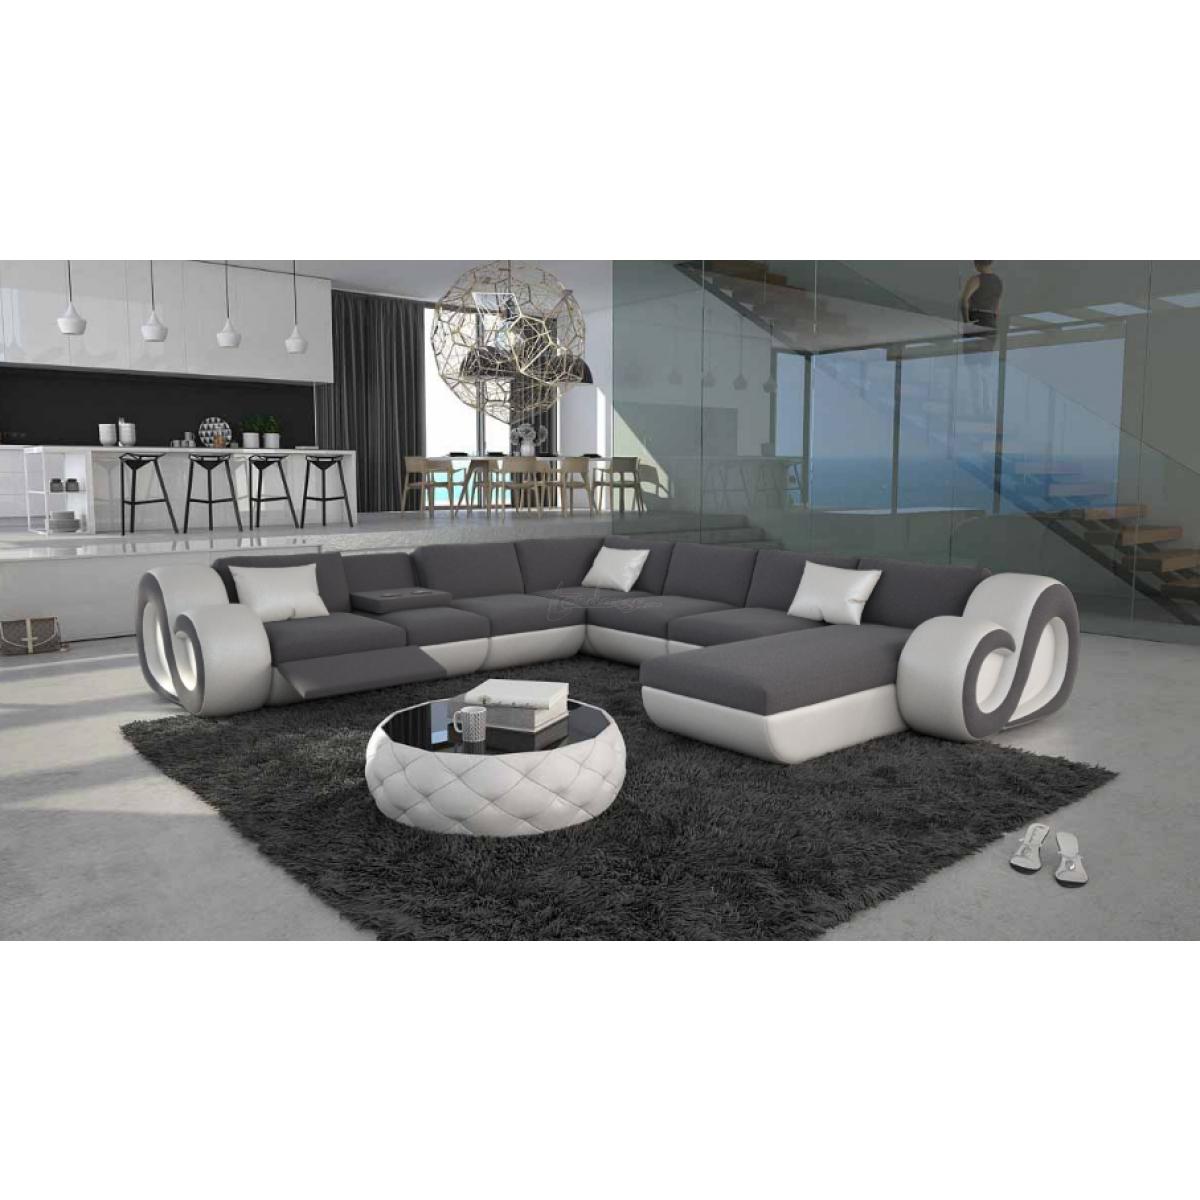 Grand Canapé D'angle En U Led Nesta Xl, 2 299,00 € destiné Grand Canape Panoramique